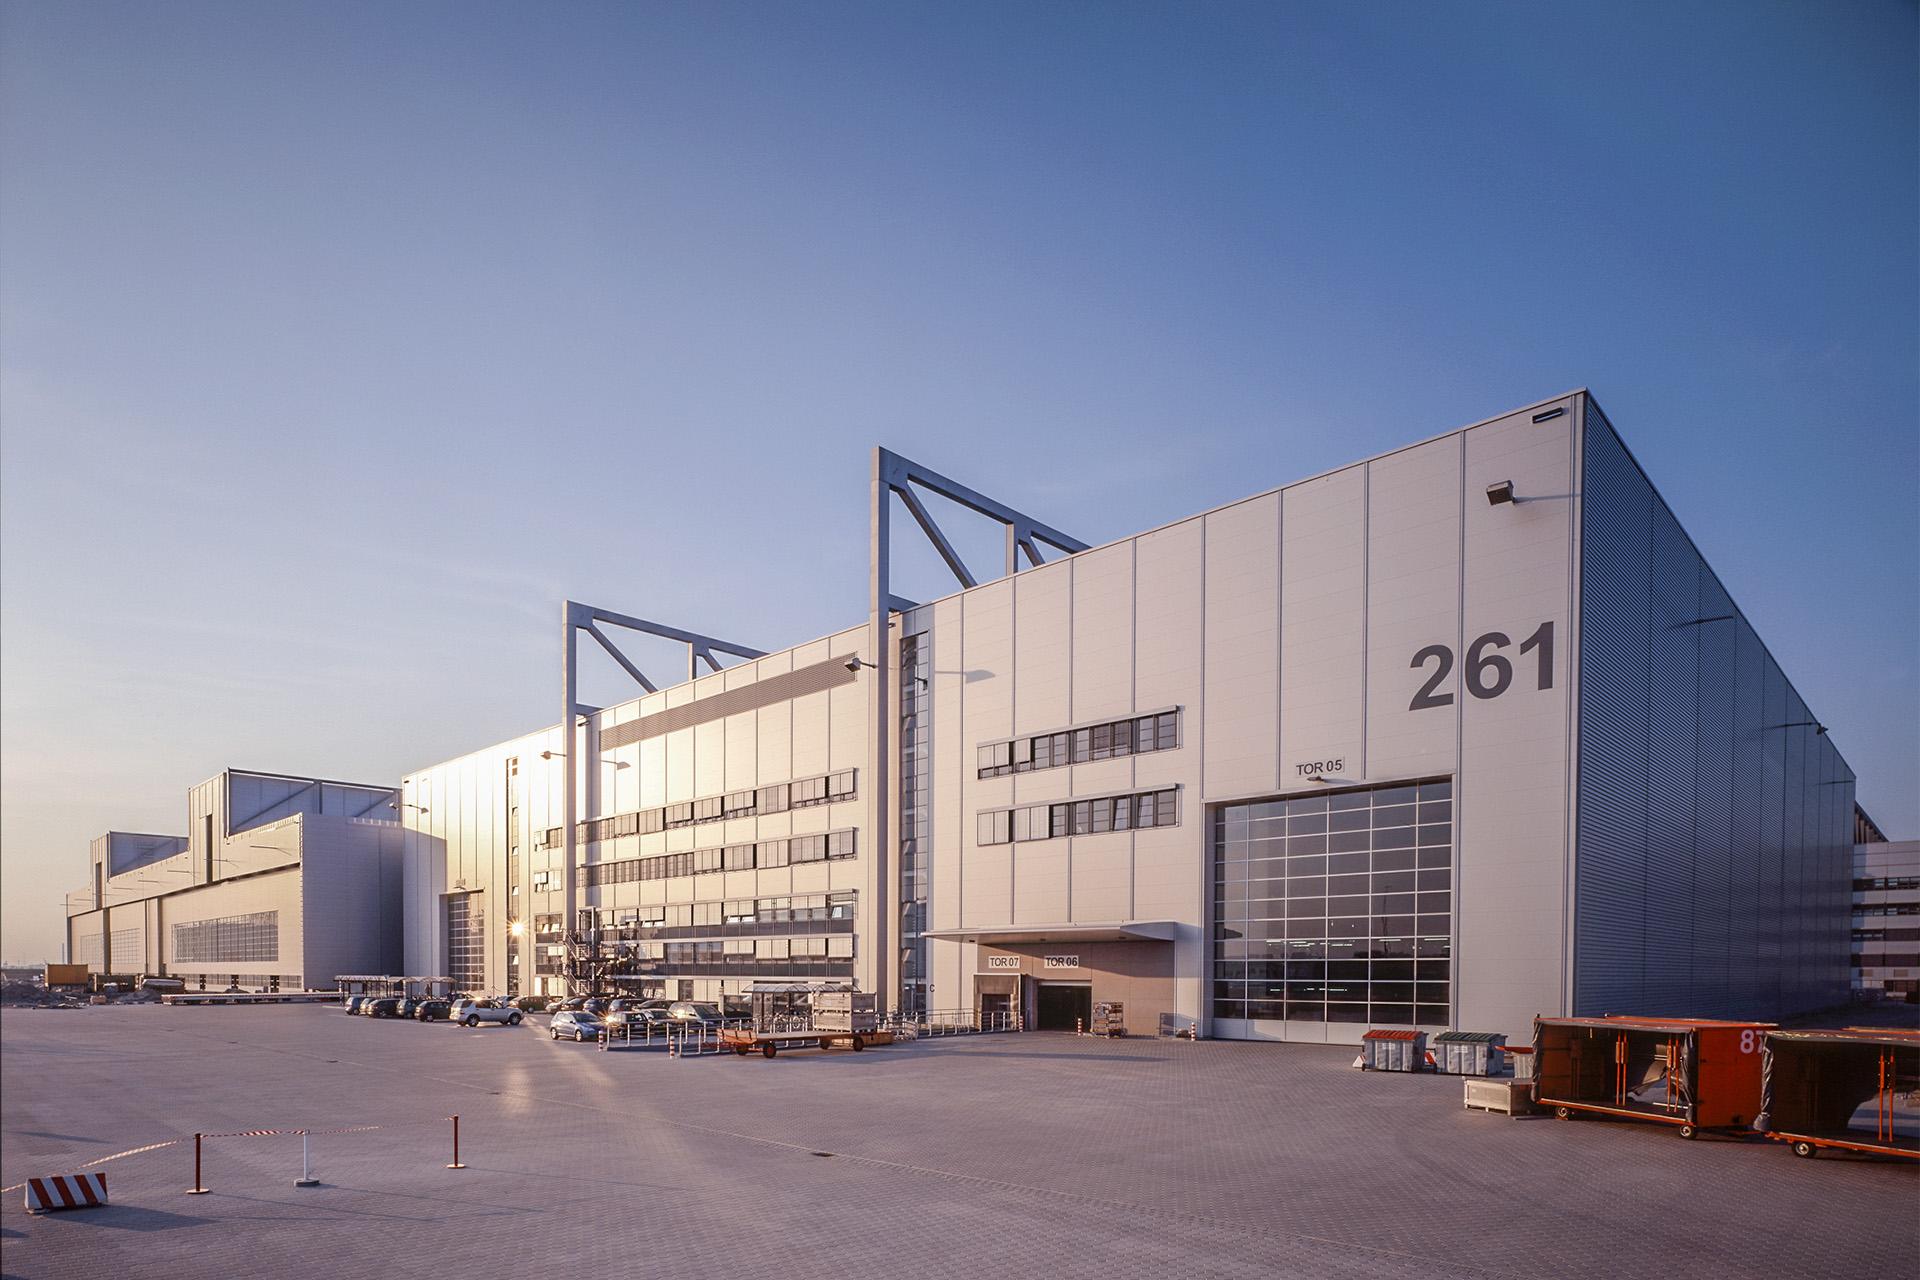 Airbus Halle 261